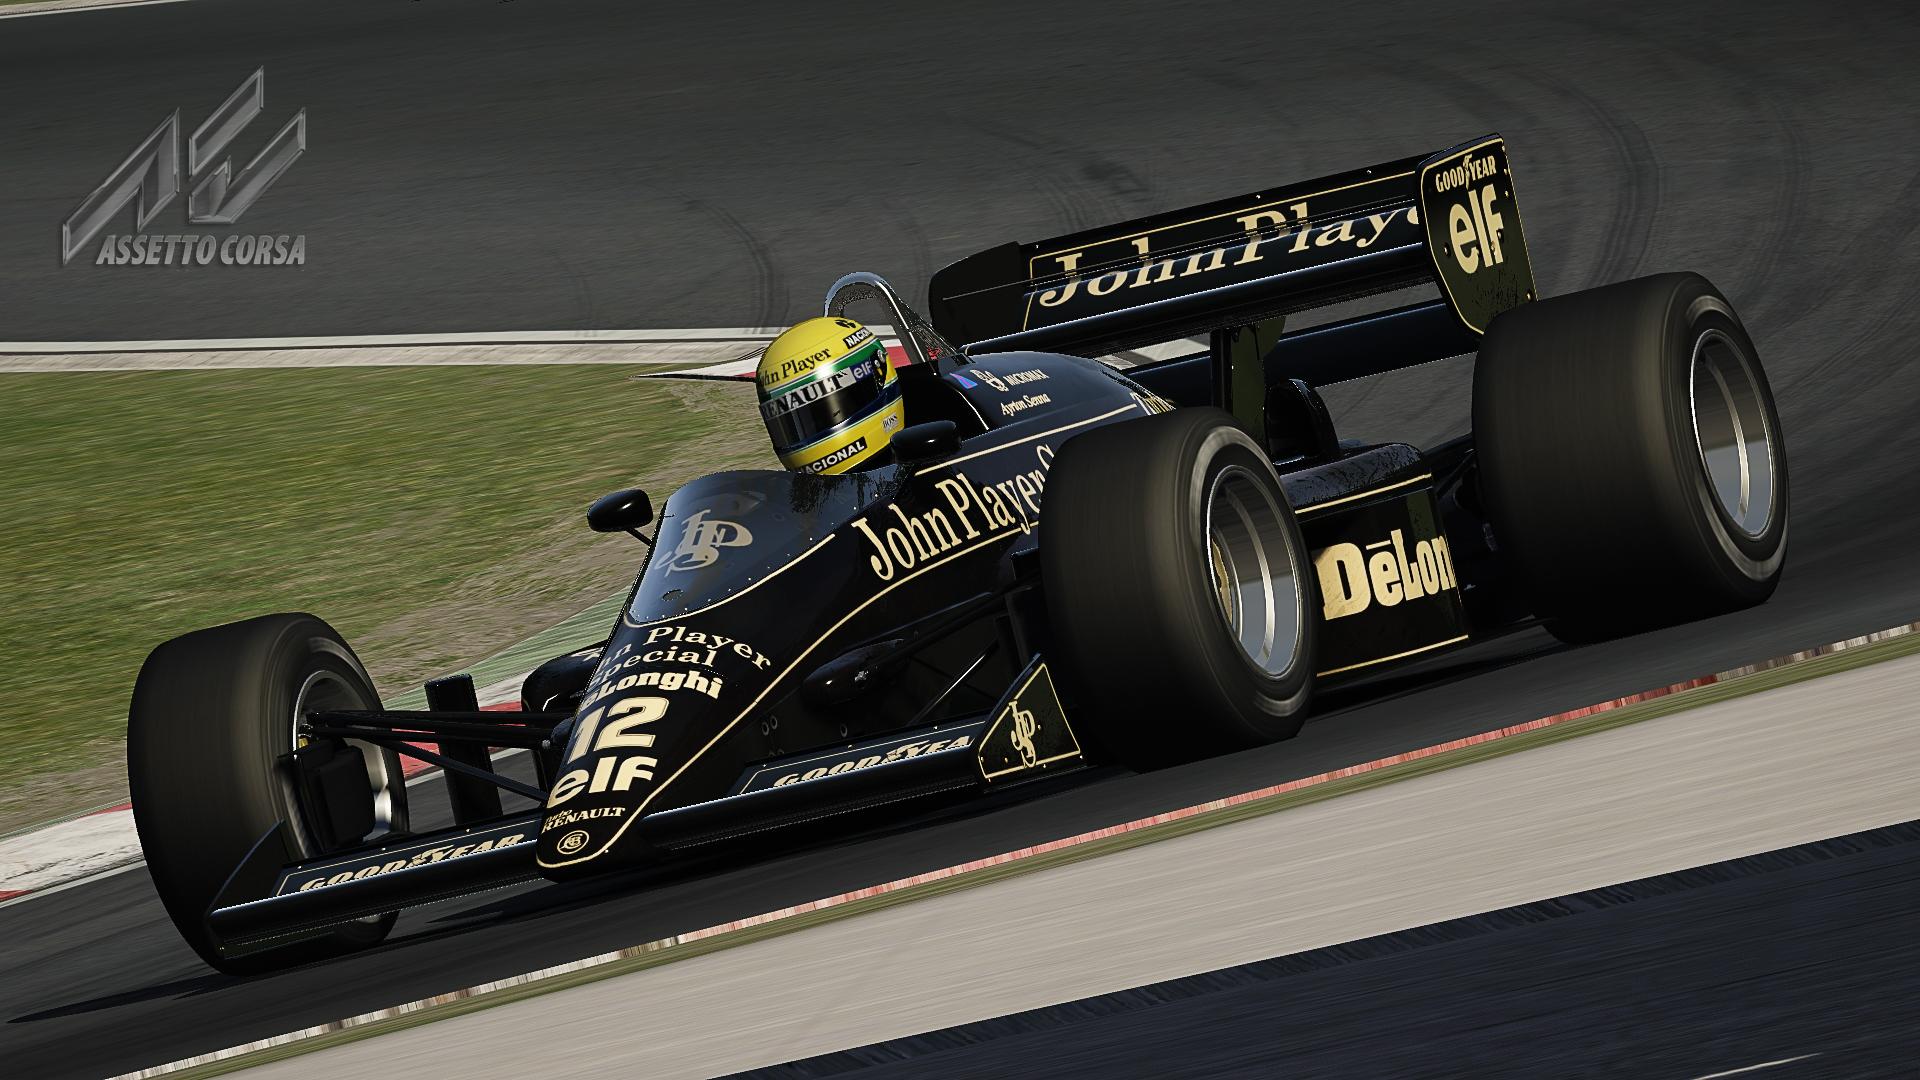 Senna mod at Imola